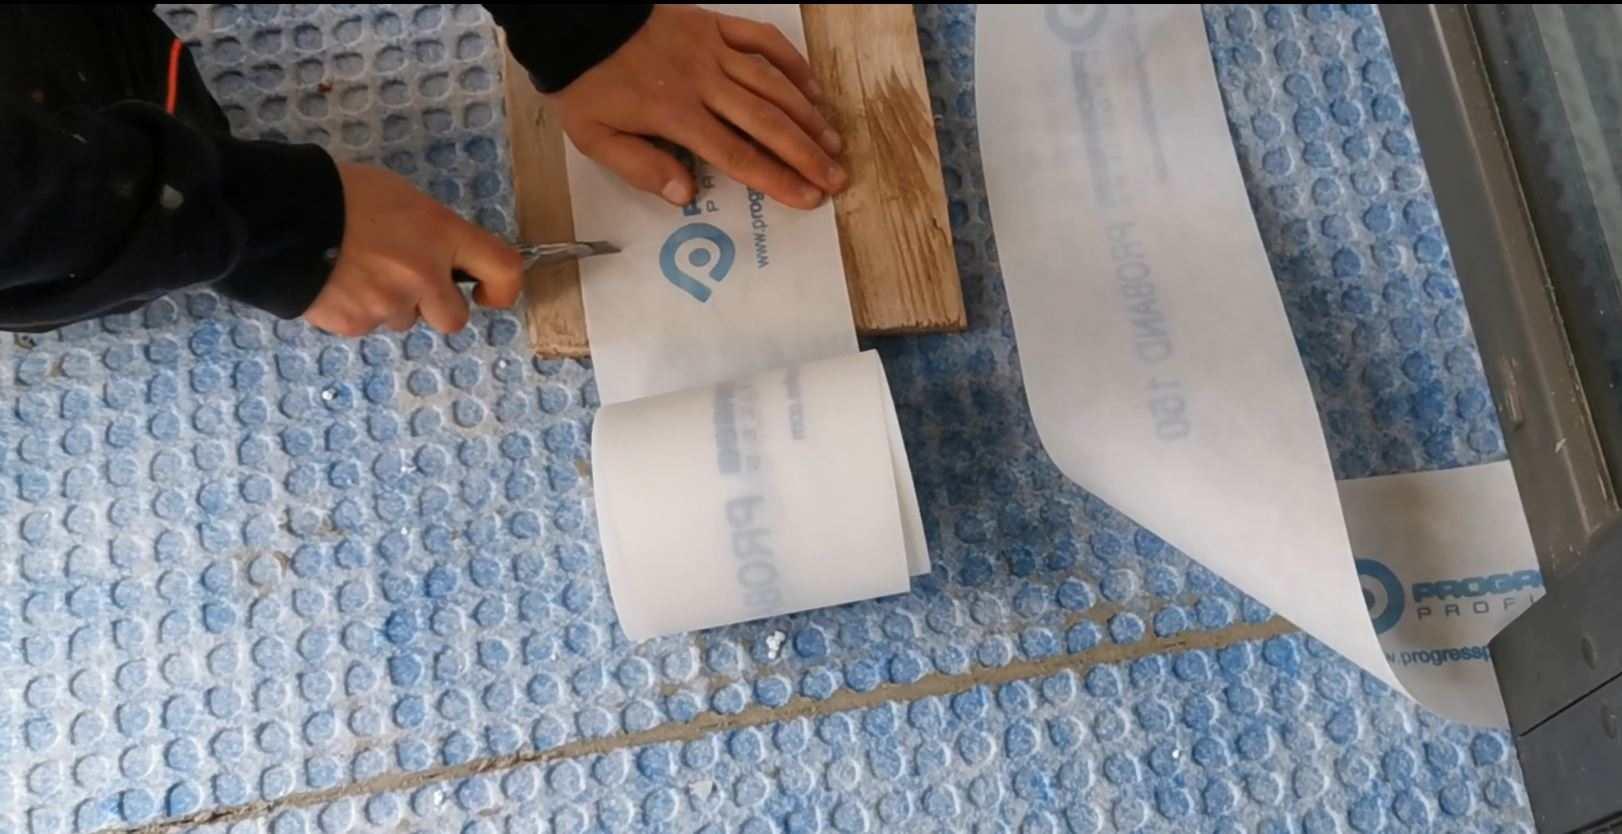 Rezanje tesnilnega traku na varni podlagi